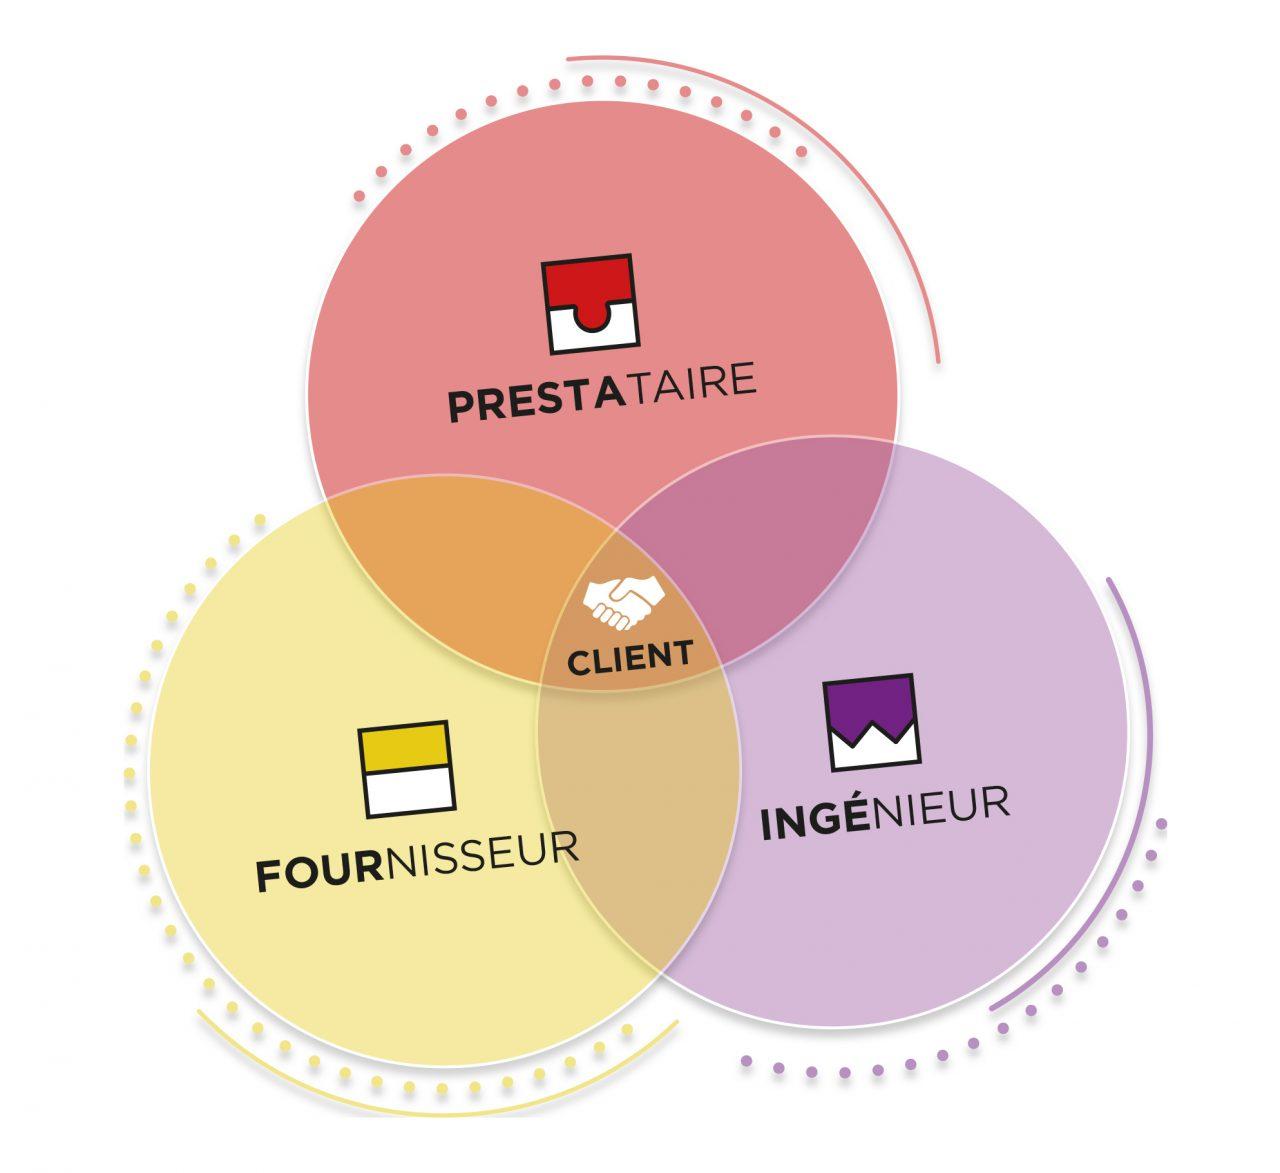 Les métiers Pronal - fournisseur/ingénieur et prestataire